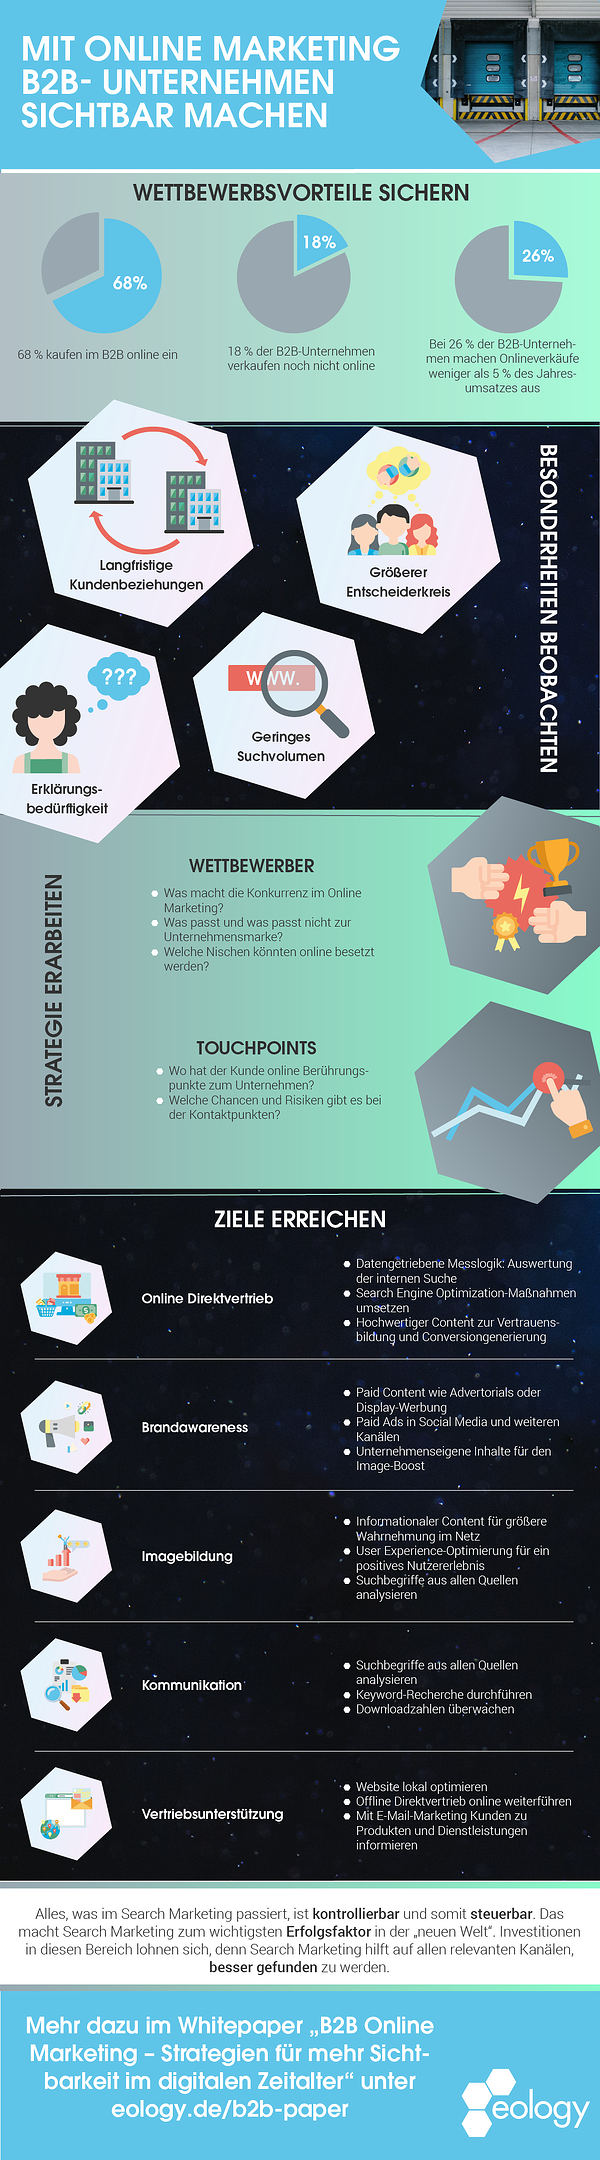 Infografik-Mit-Online-Marketing-B2B-Unternehmen-sichtbar-machen